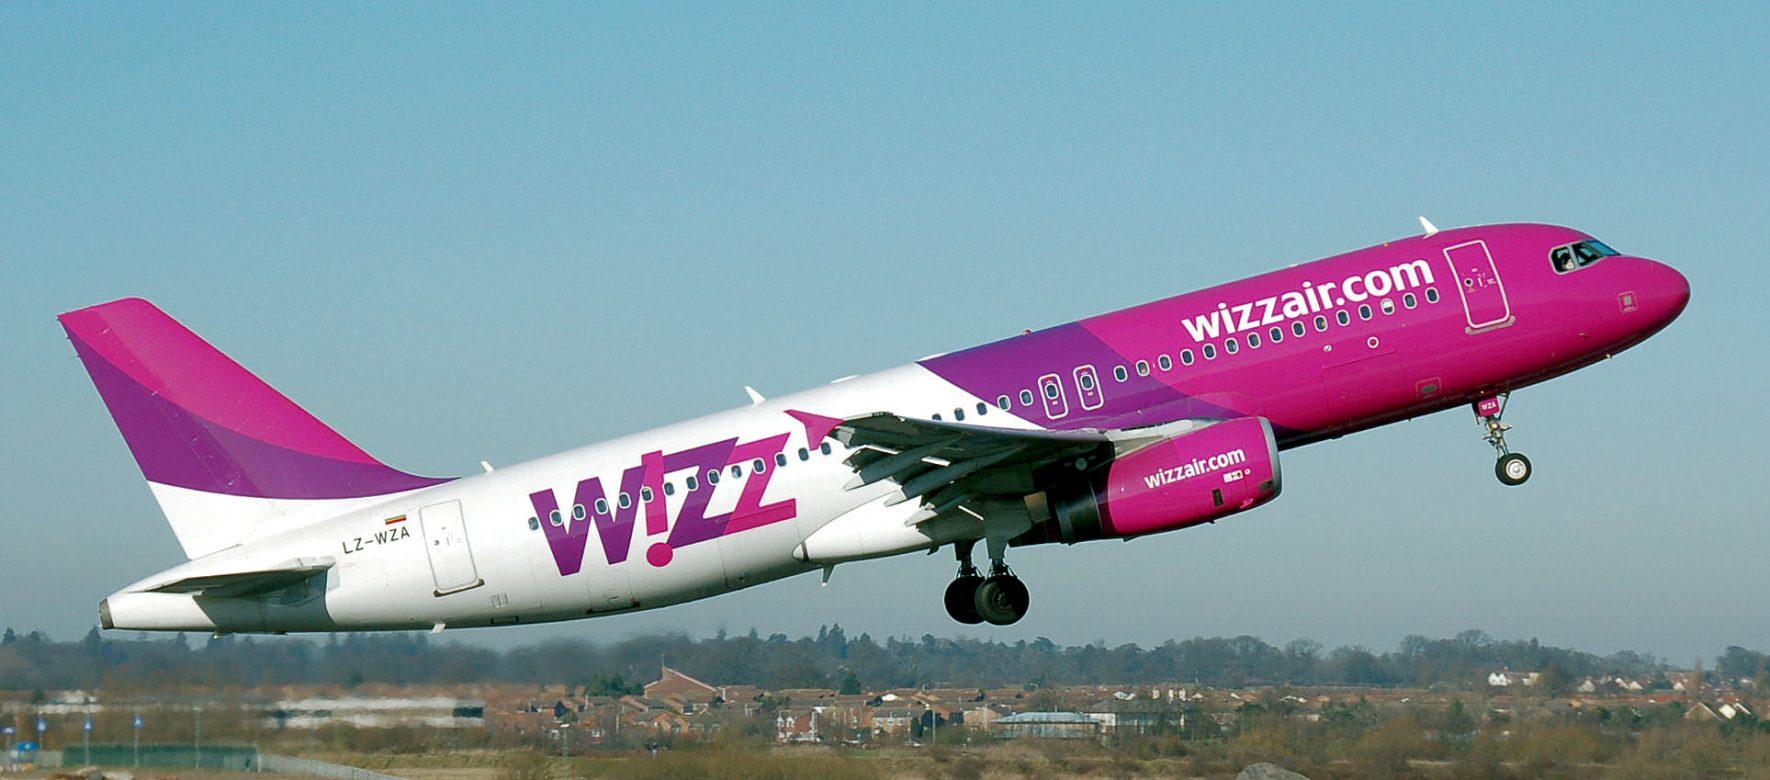 Wizz Air multiplie ses destinations vers l'Europe au départ d'Israël